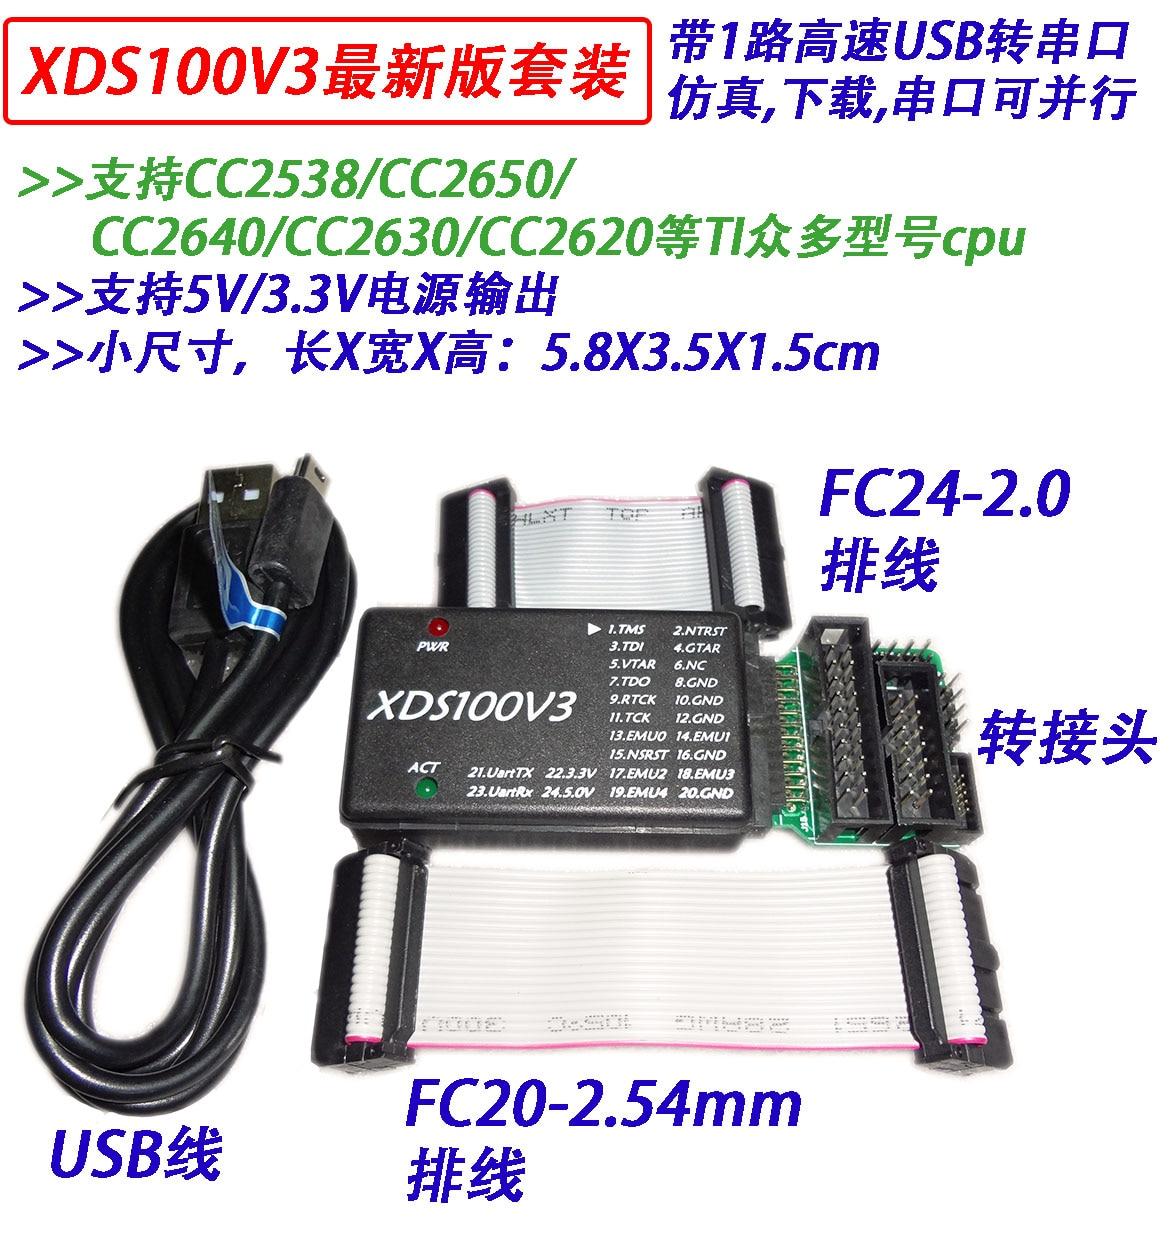 XDS100V3 simulator, CC2538, CC2650, CC2640 special simulatorXDS100V3 simulator, CC2538, CC2650, CC2640 special simulator